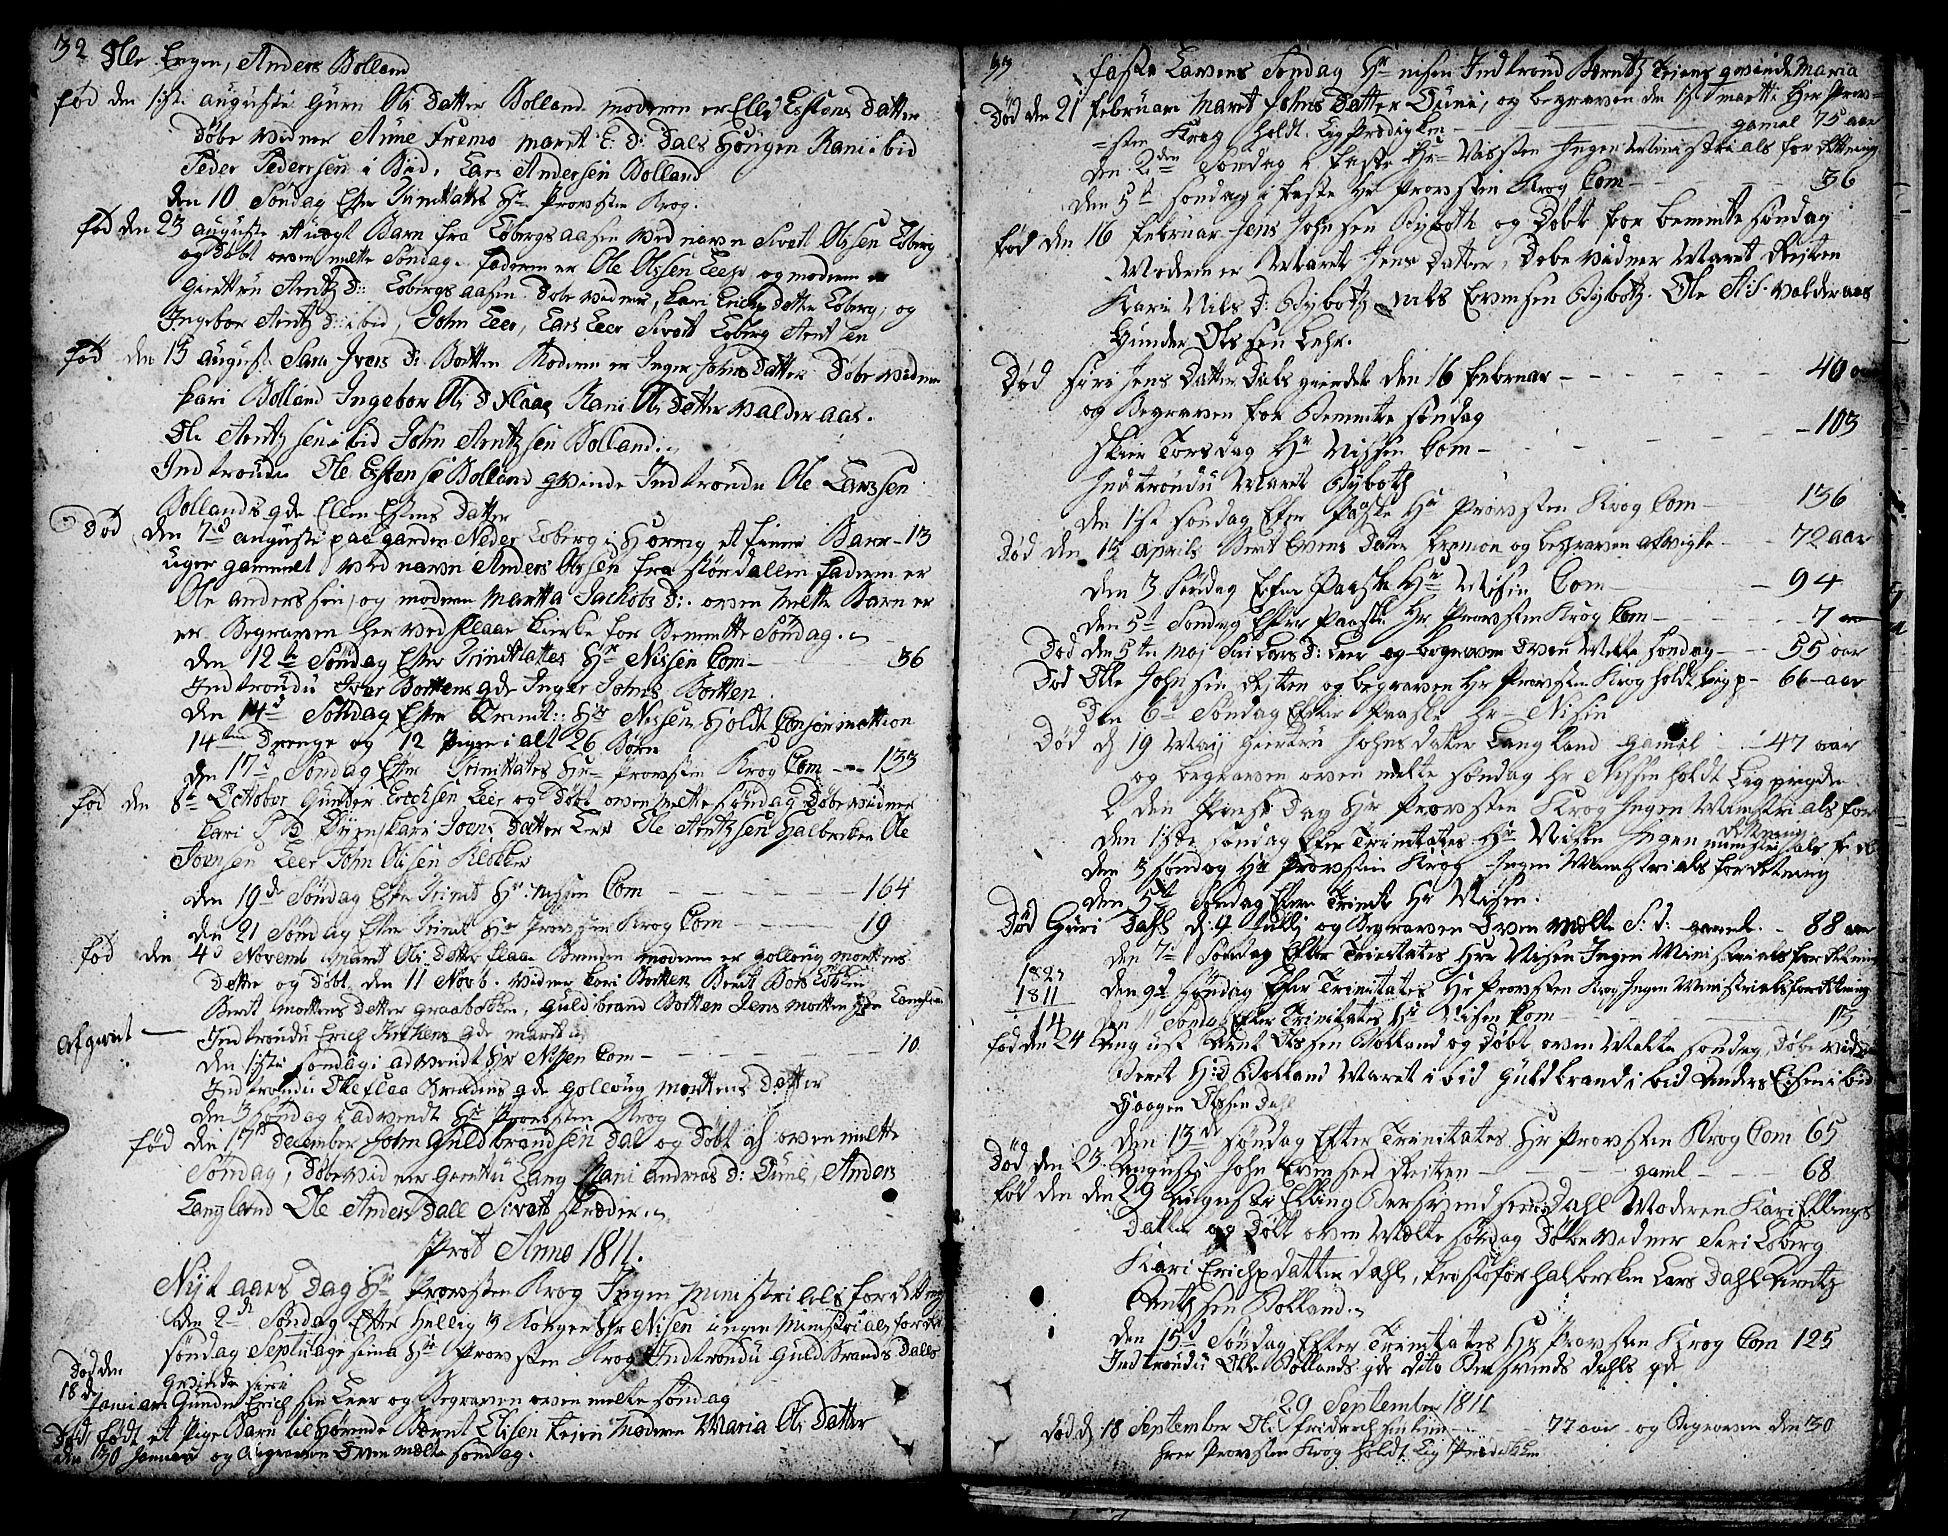 SAT, Ministerialprotokoller, klokkerbøker og fødselsregistre - Sør-Trøndelag, 693/L1120: Klokkerbok nr. 693C01, 1799-1816, s. 32-33